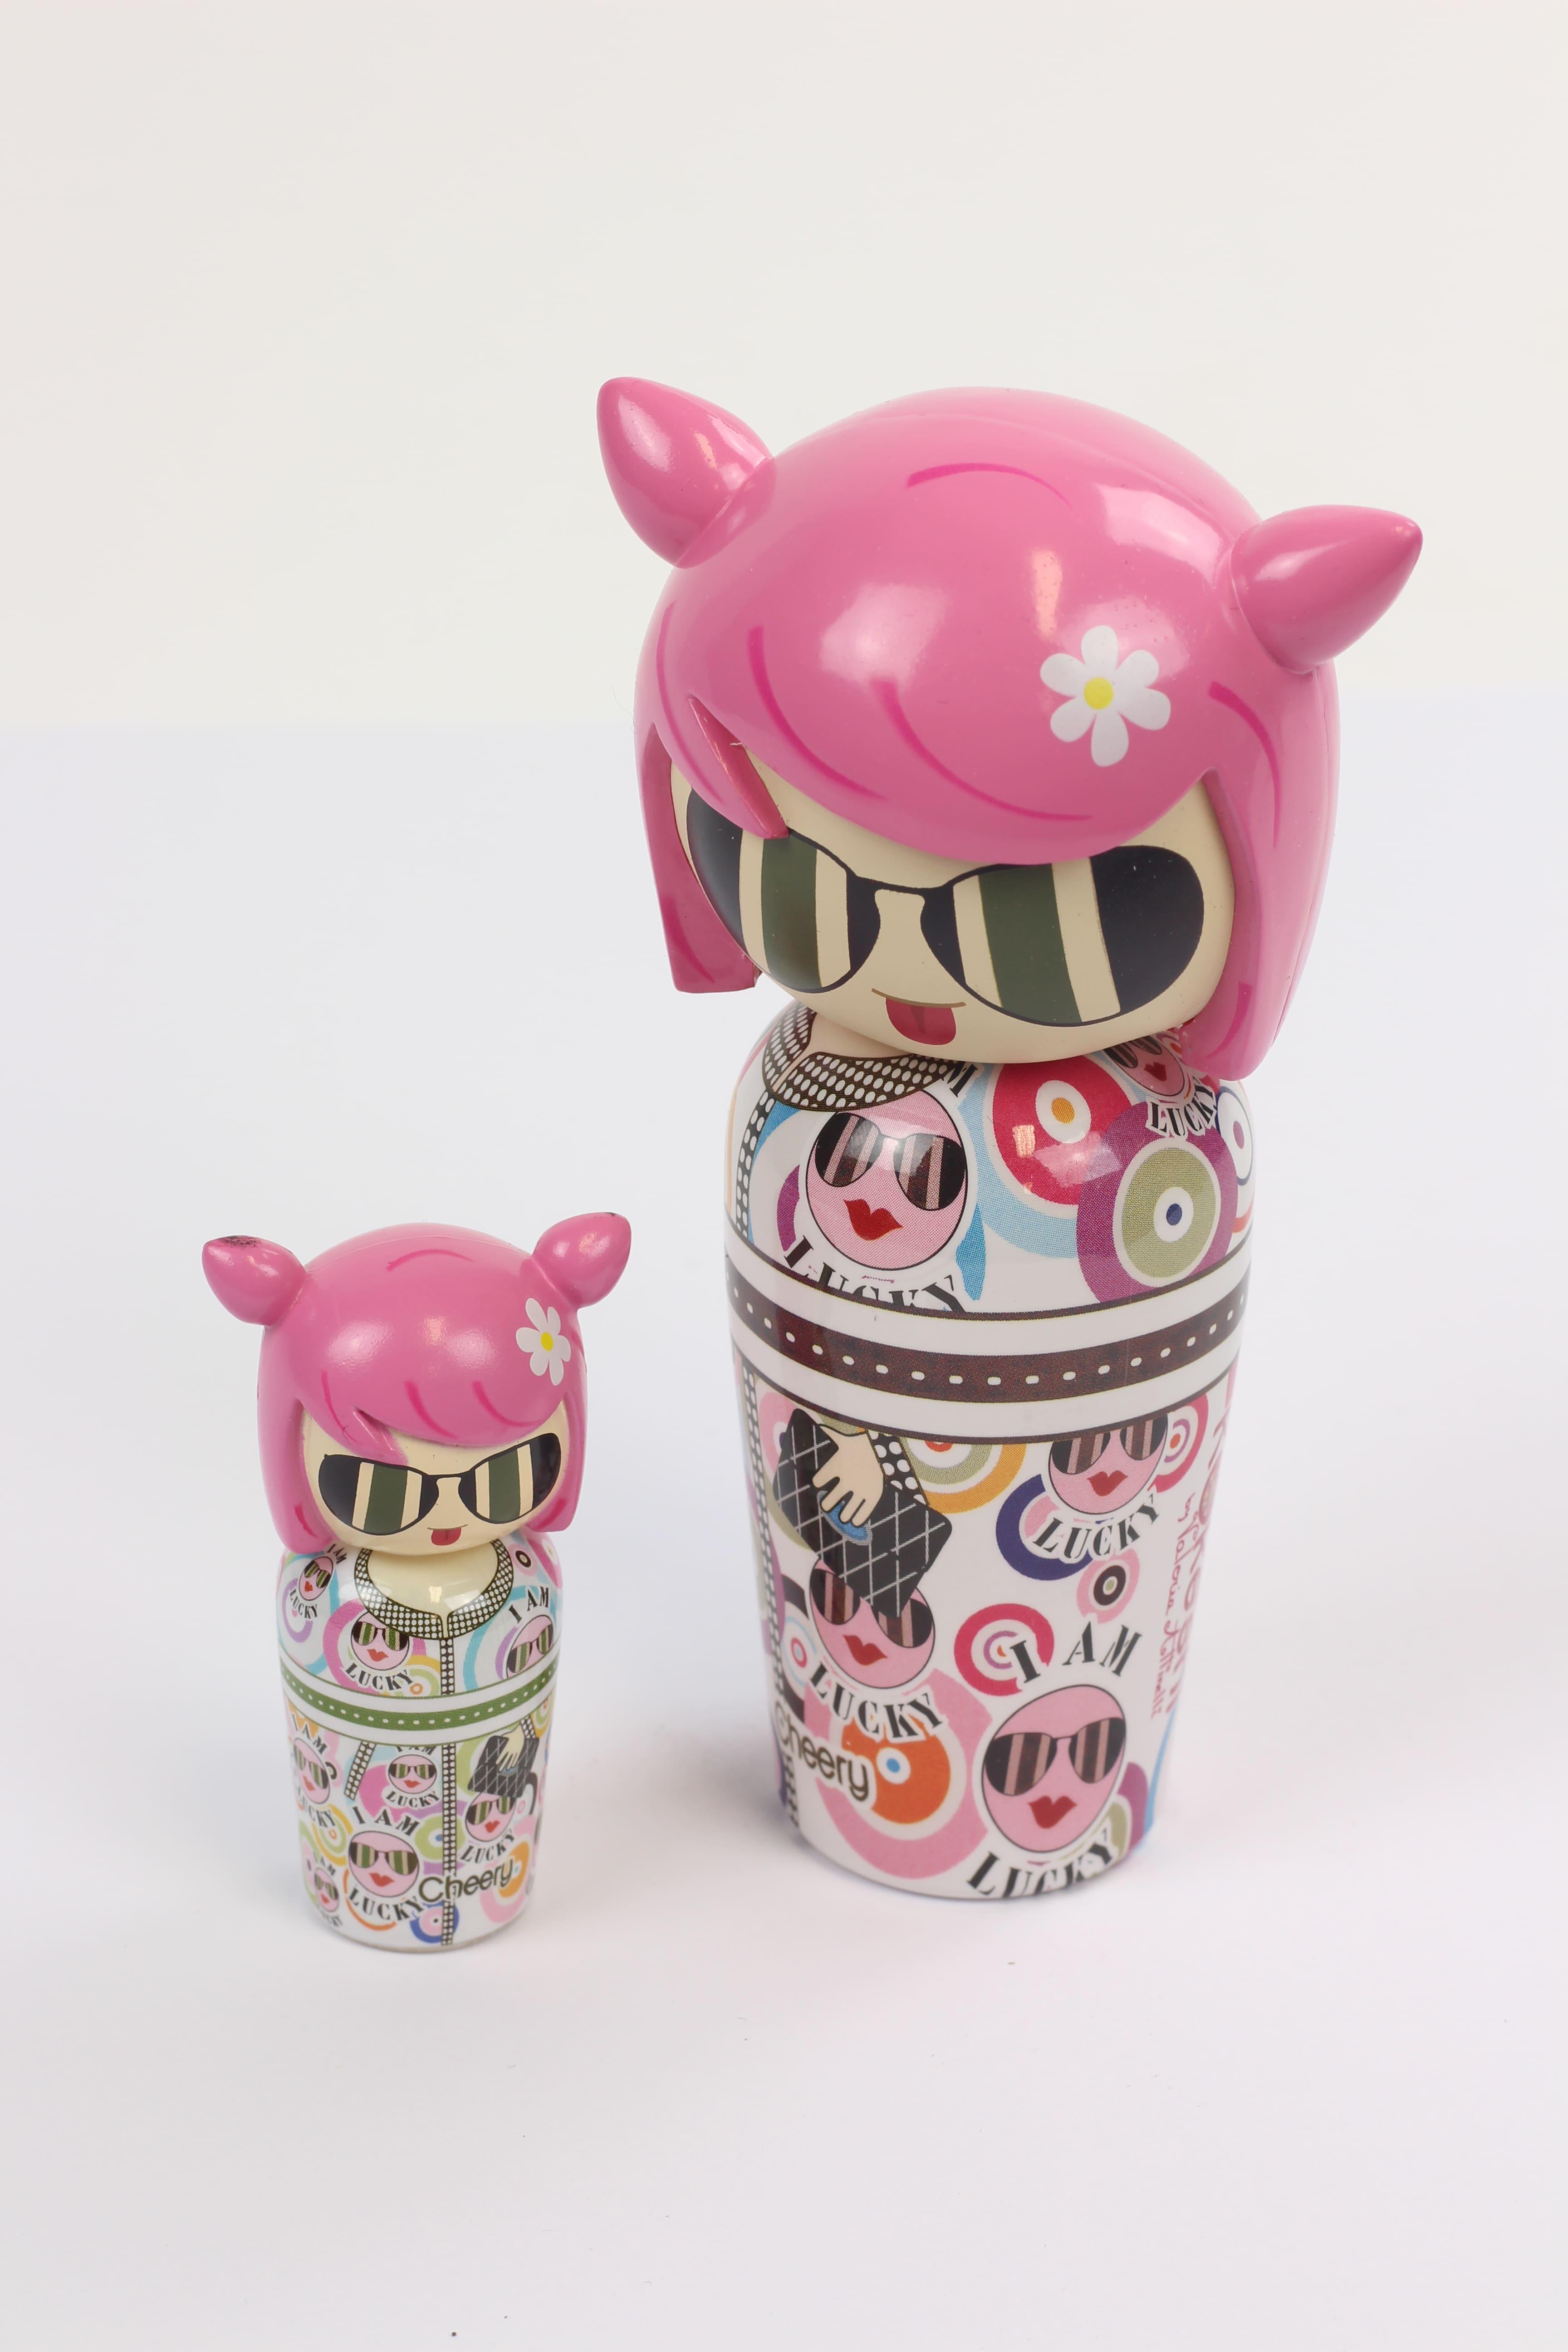 parfum kokeshi Cheery